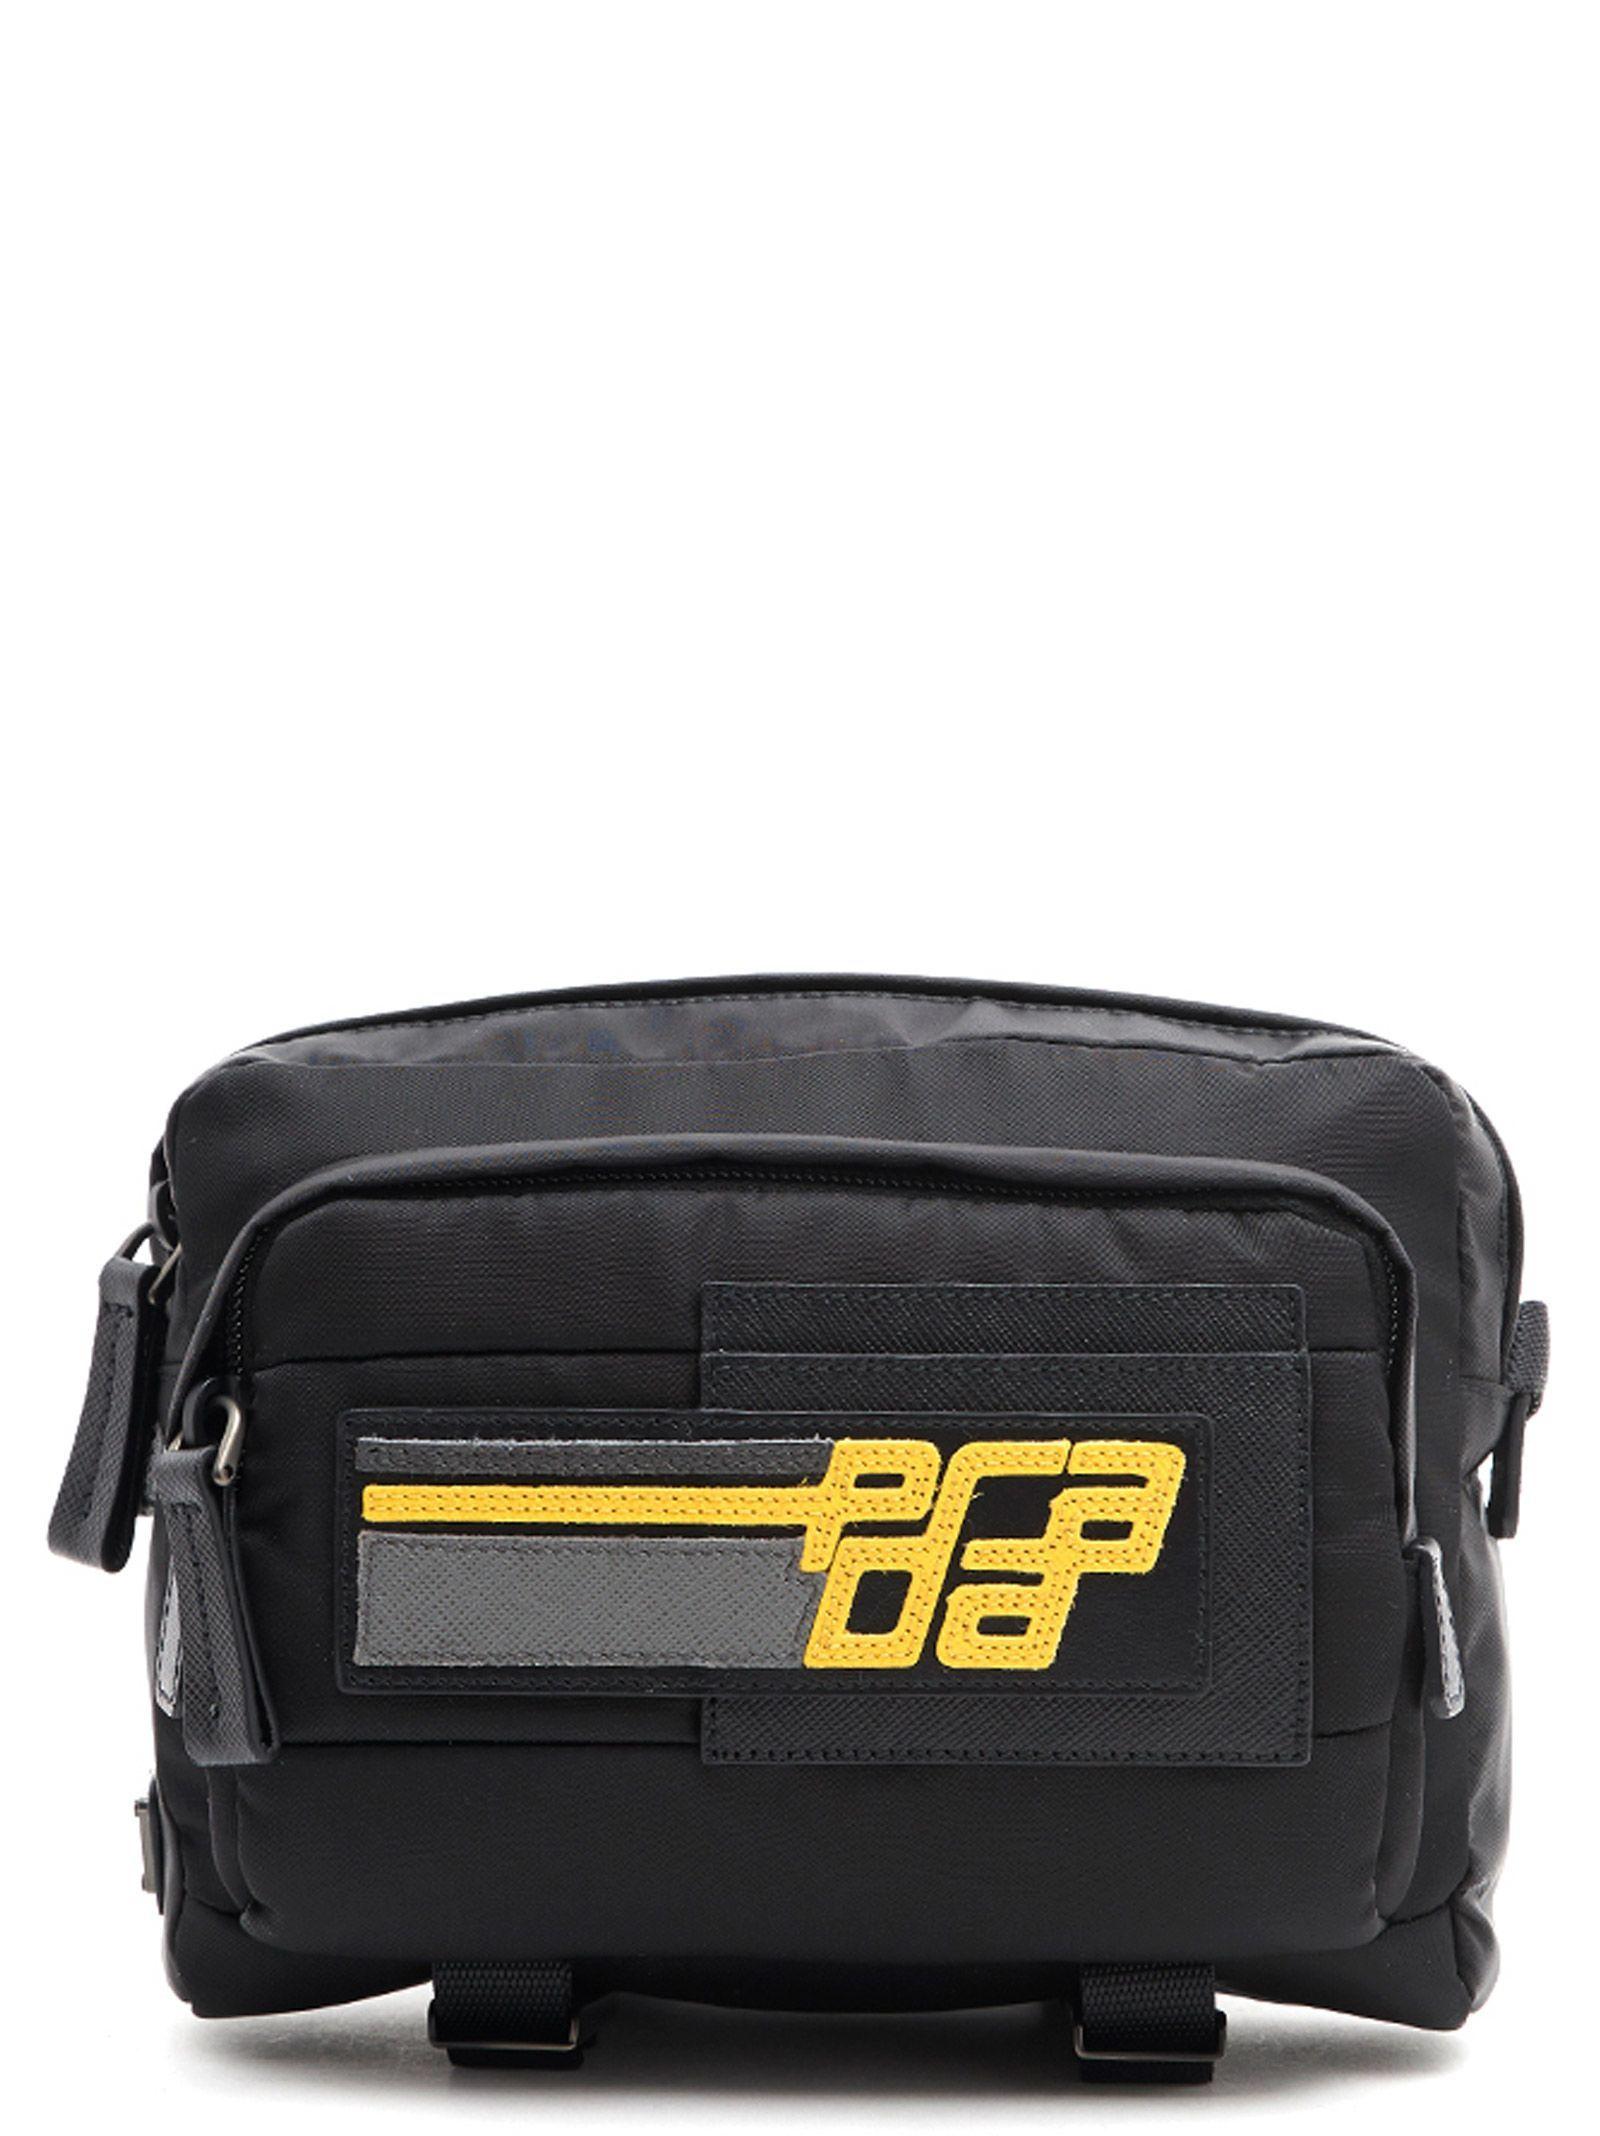 2b1ee7d62793 PRADA BAG.  prada  bags  shoulder bags  nylon  crossbody